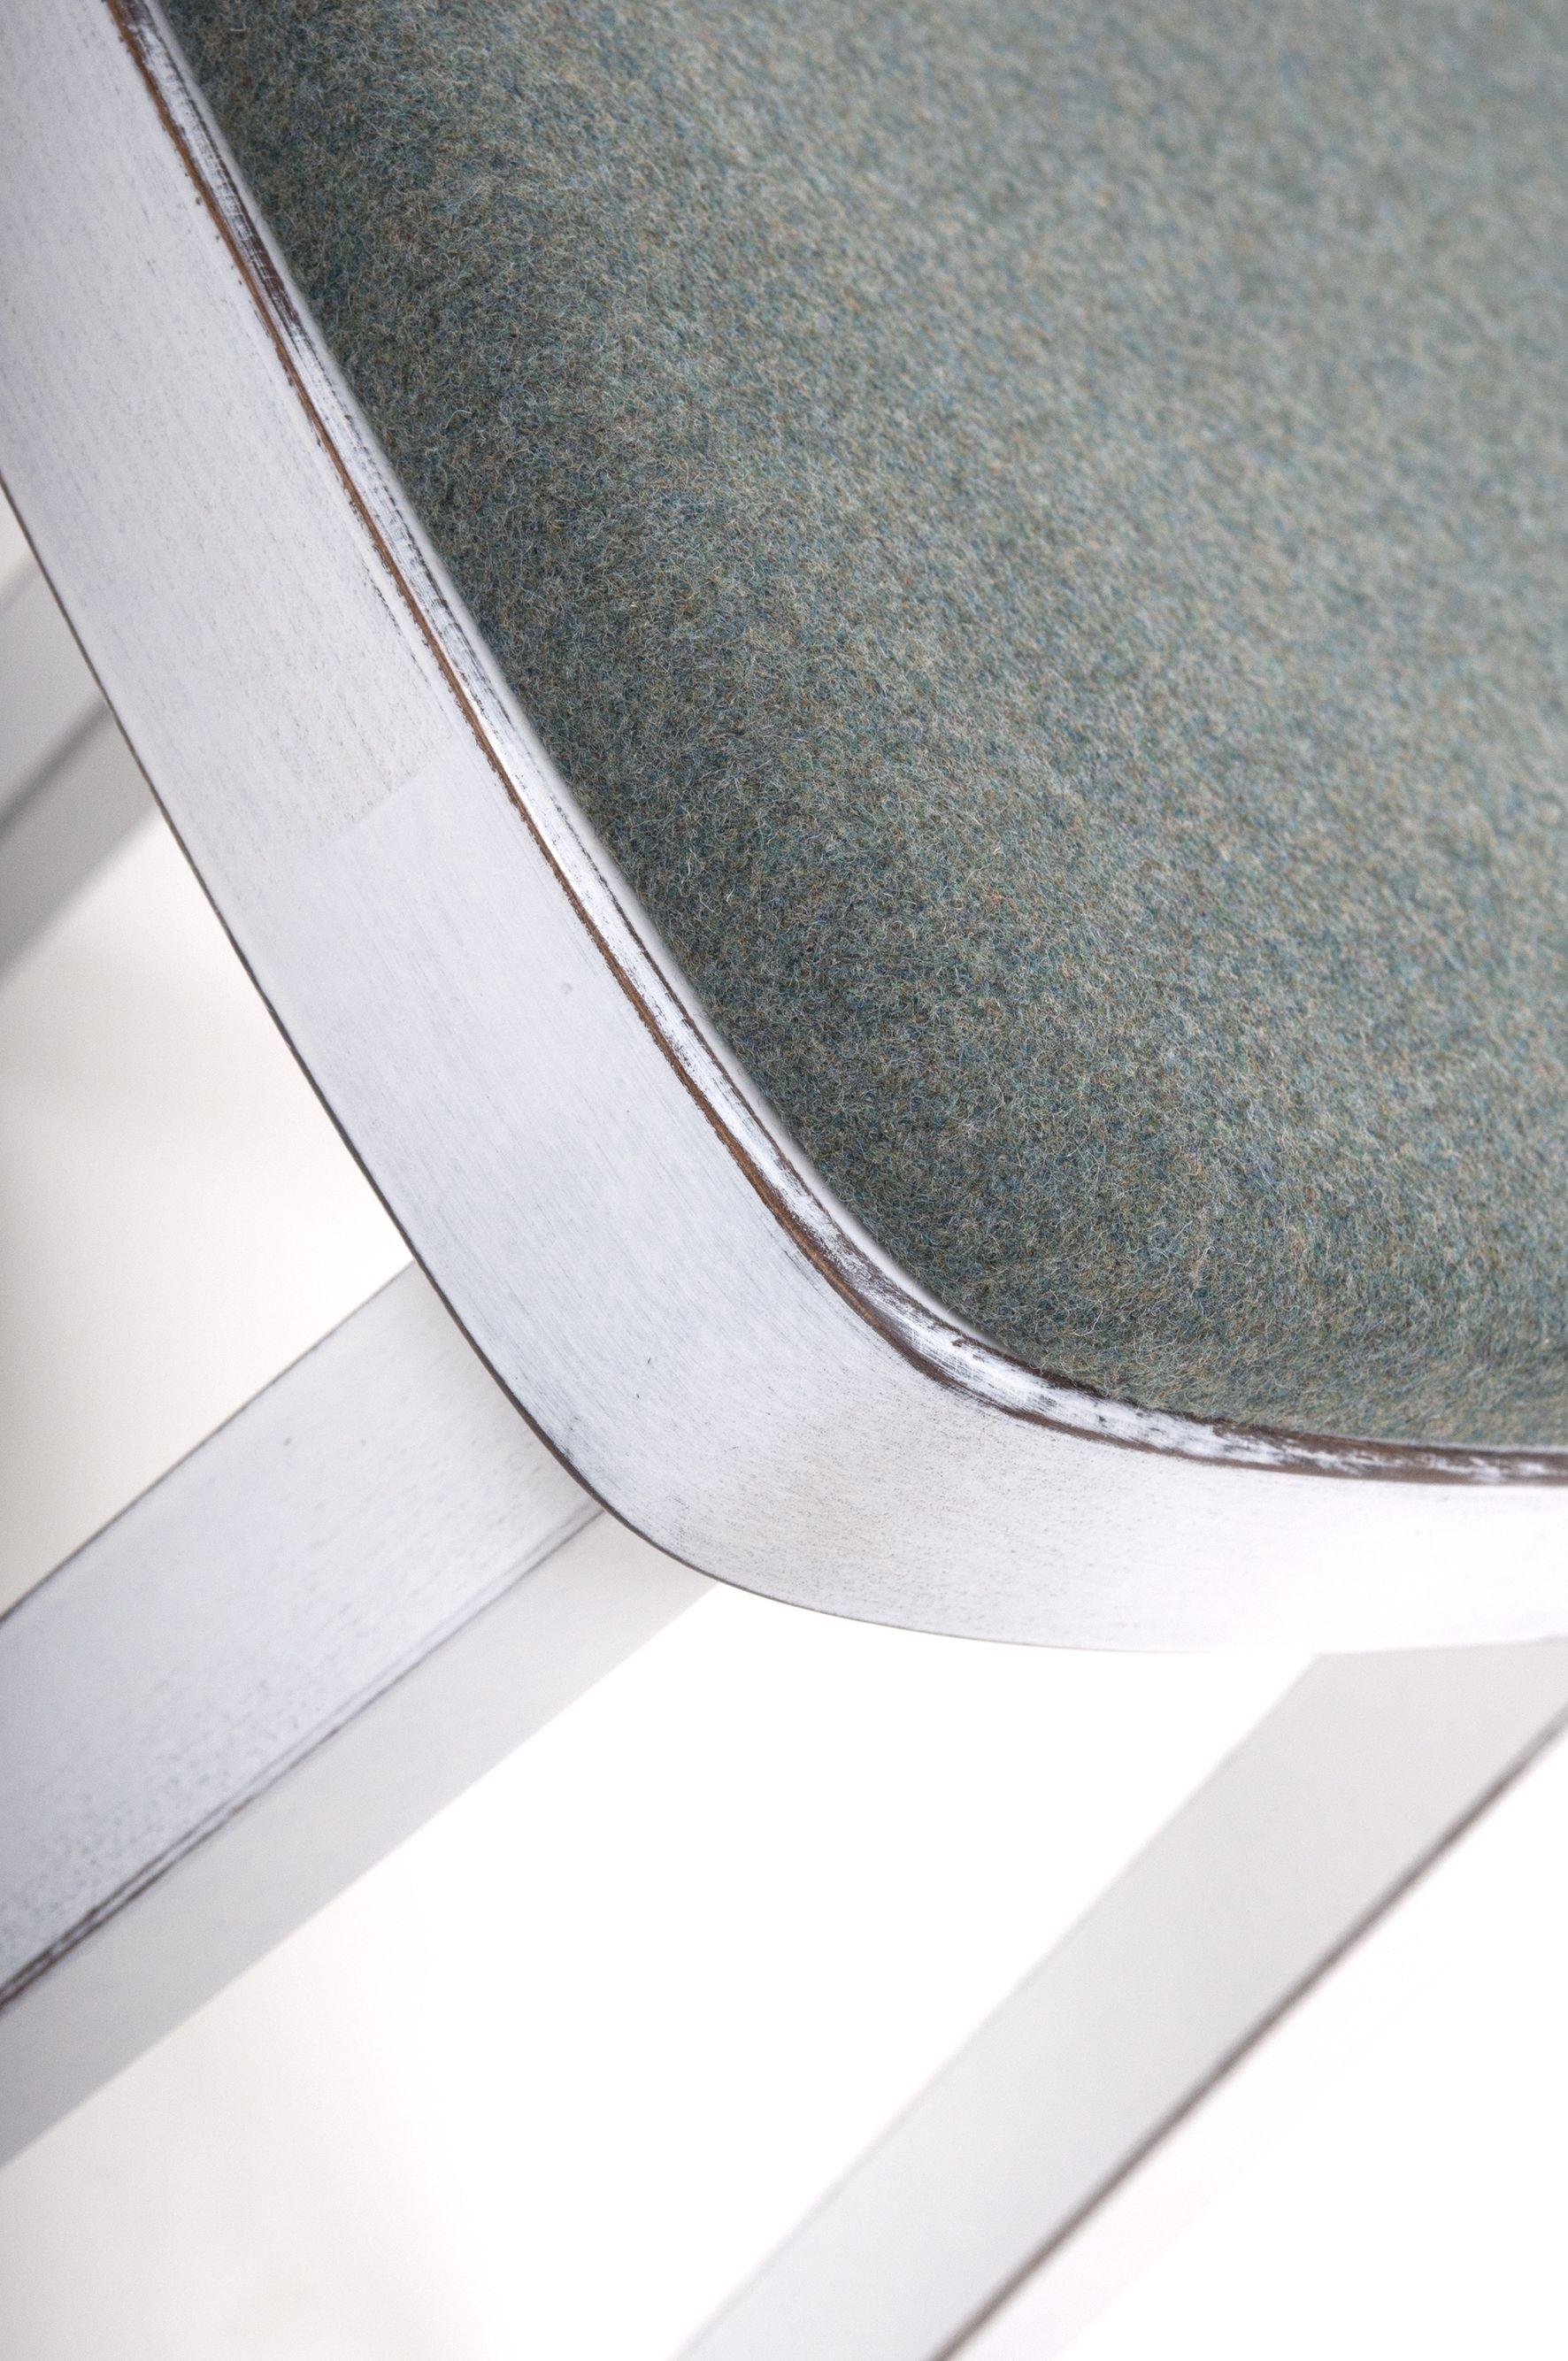 Bezaubernd Schnieder Stuhlfabrik Dekoration Von Stabil Mit Stil. #stuhl Hannes Modell 11244.